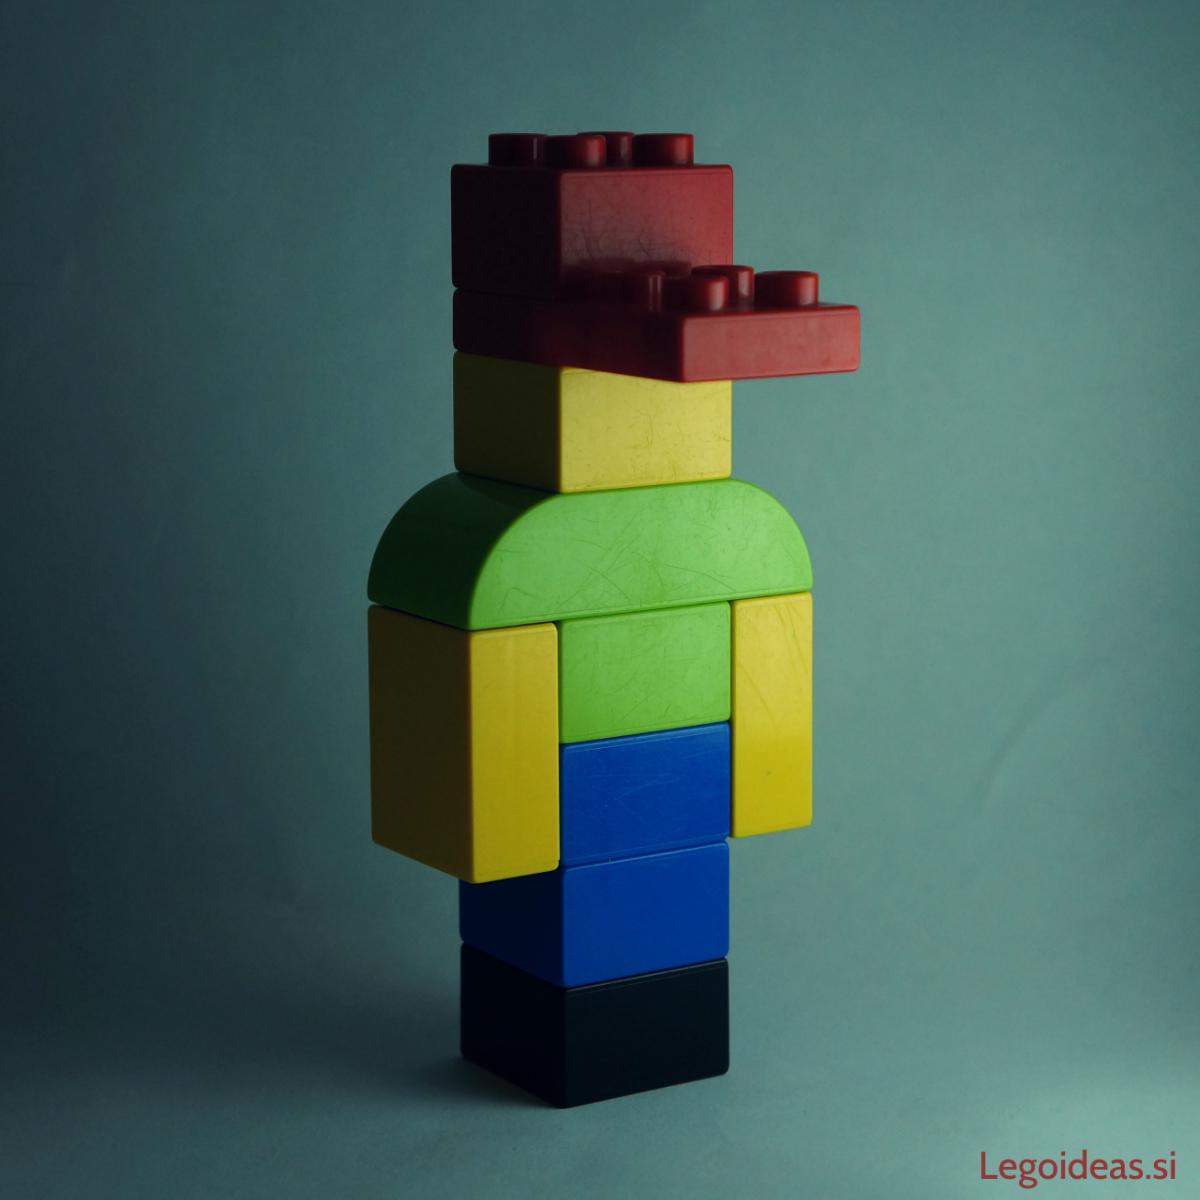 Lego duplo hat man idea – jpg 1200x1200 Duplo hat f280f767f6c4